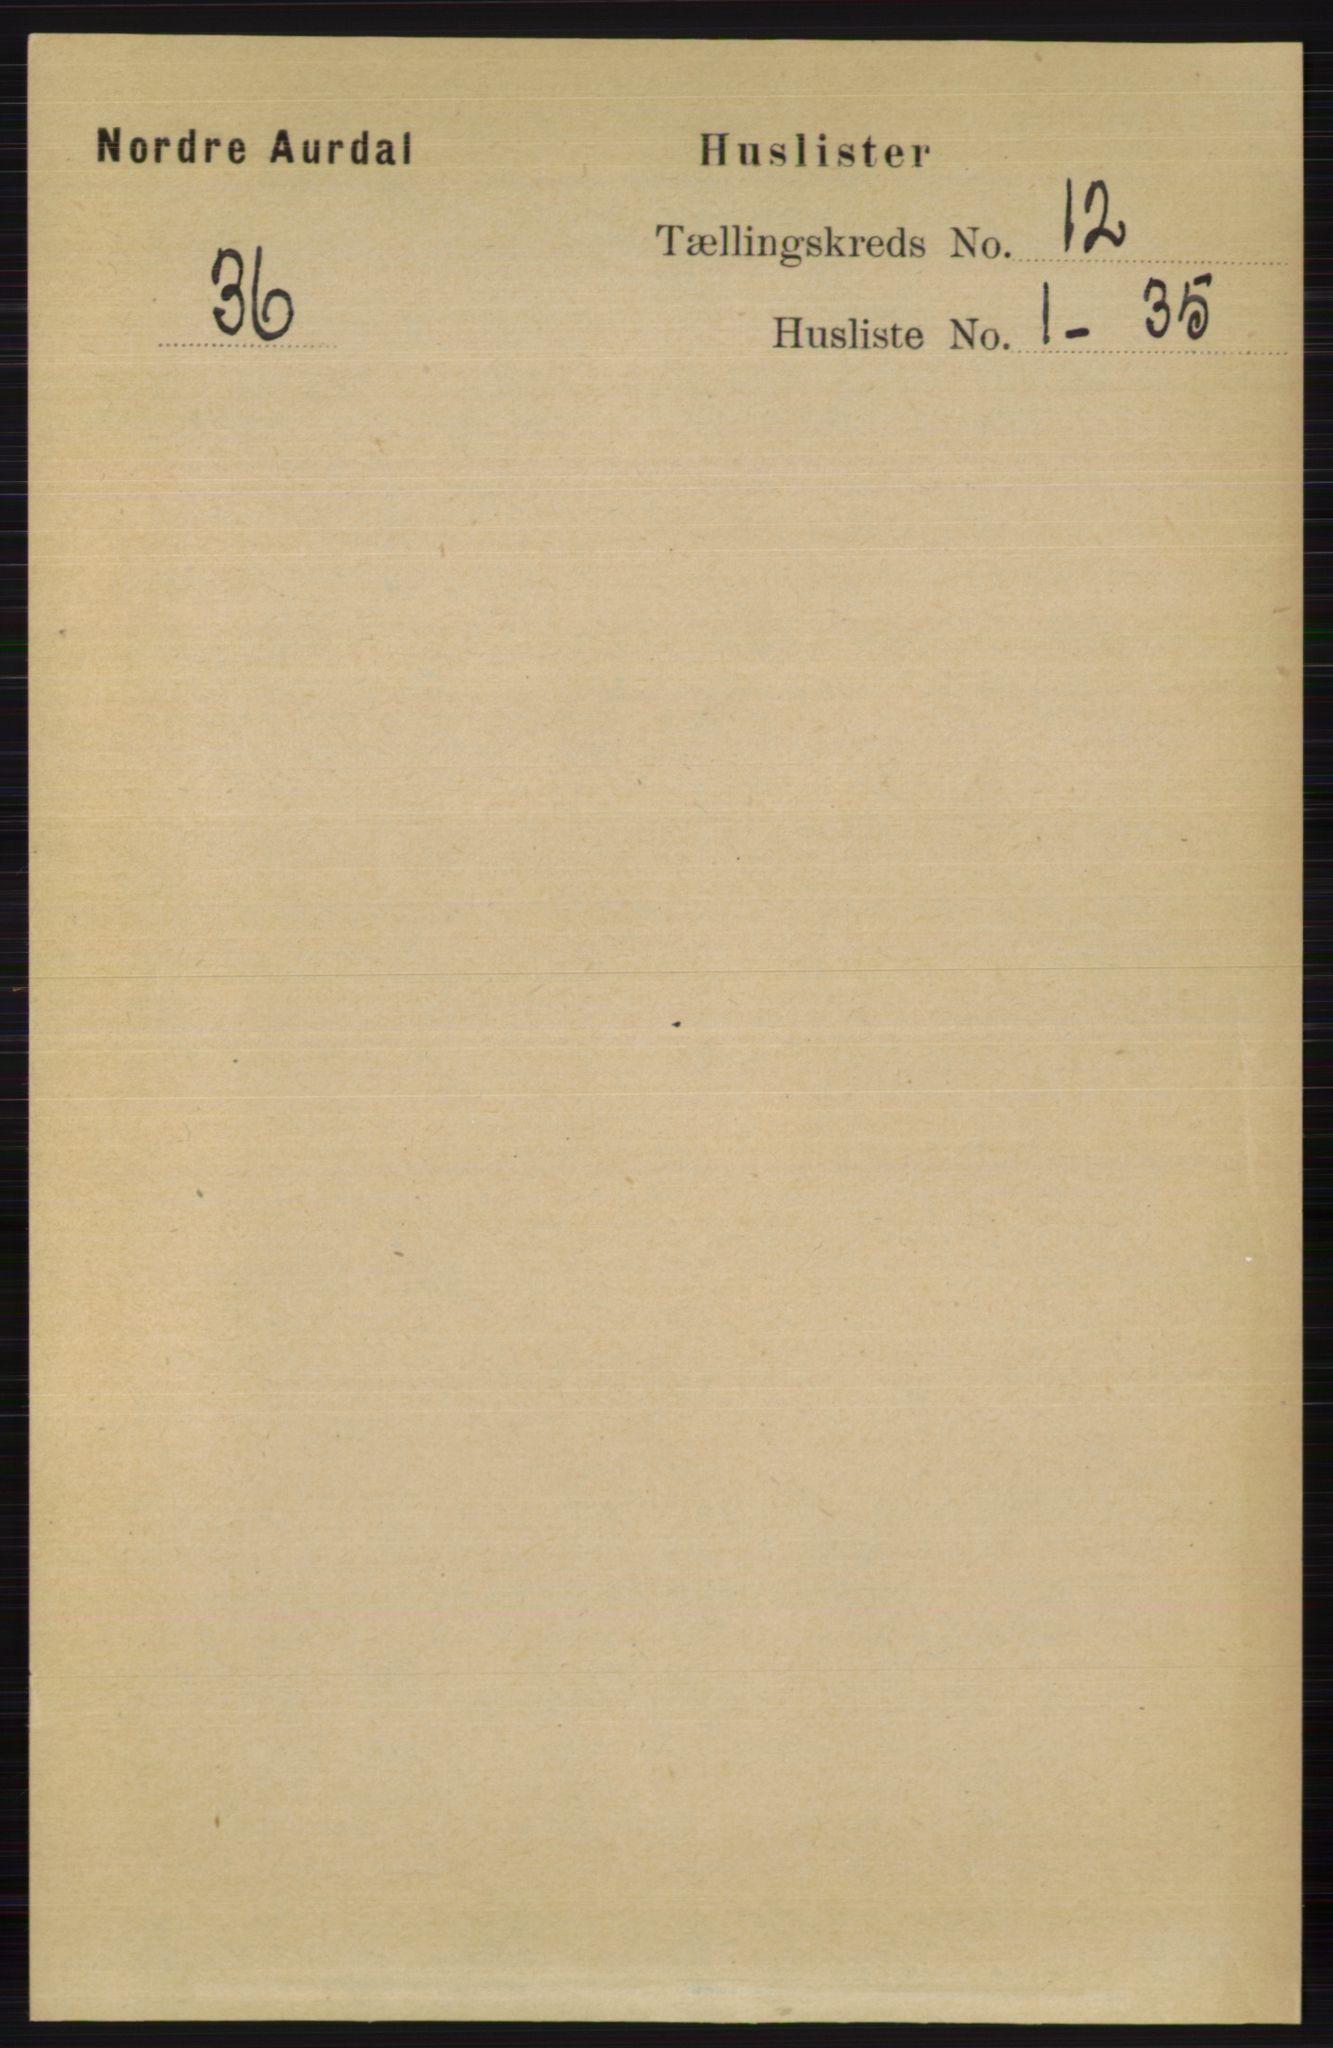 RA, Folketelling 1891 for 0542 Nord-Aurdal herred, 1891, s. 4463